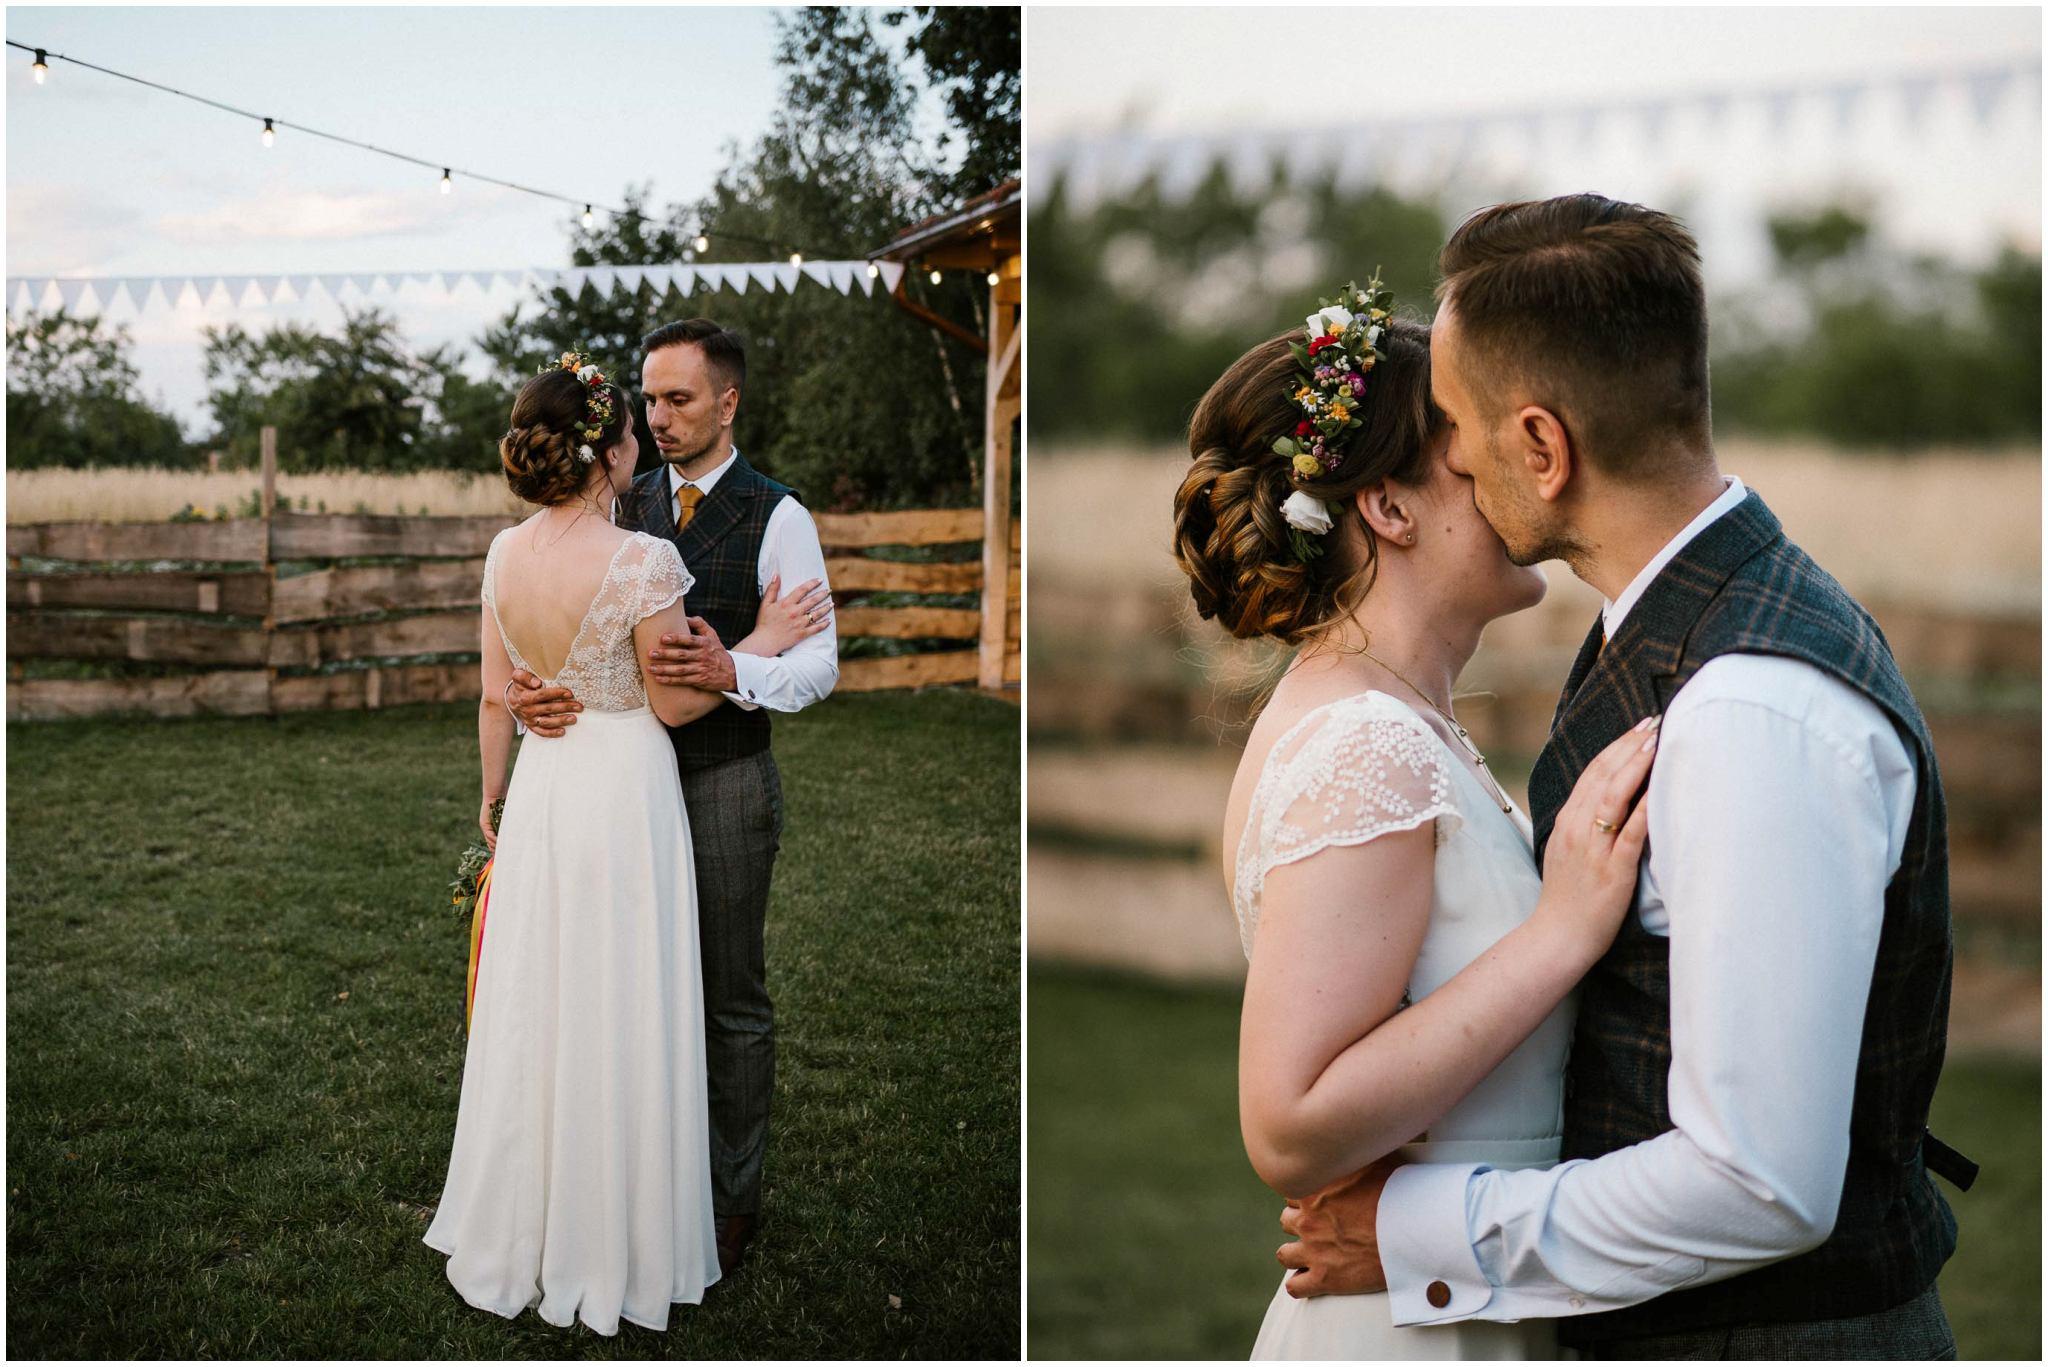 Para młoda całuje się przy stodole - sesja ślubna w plenerze Poznań